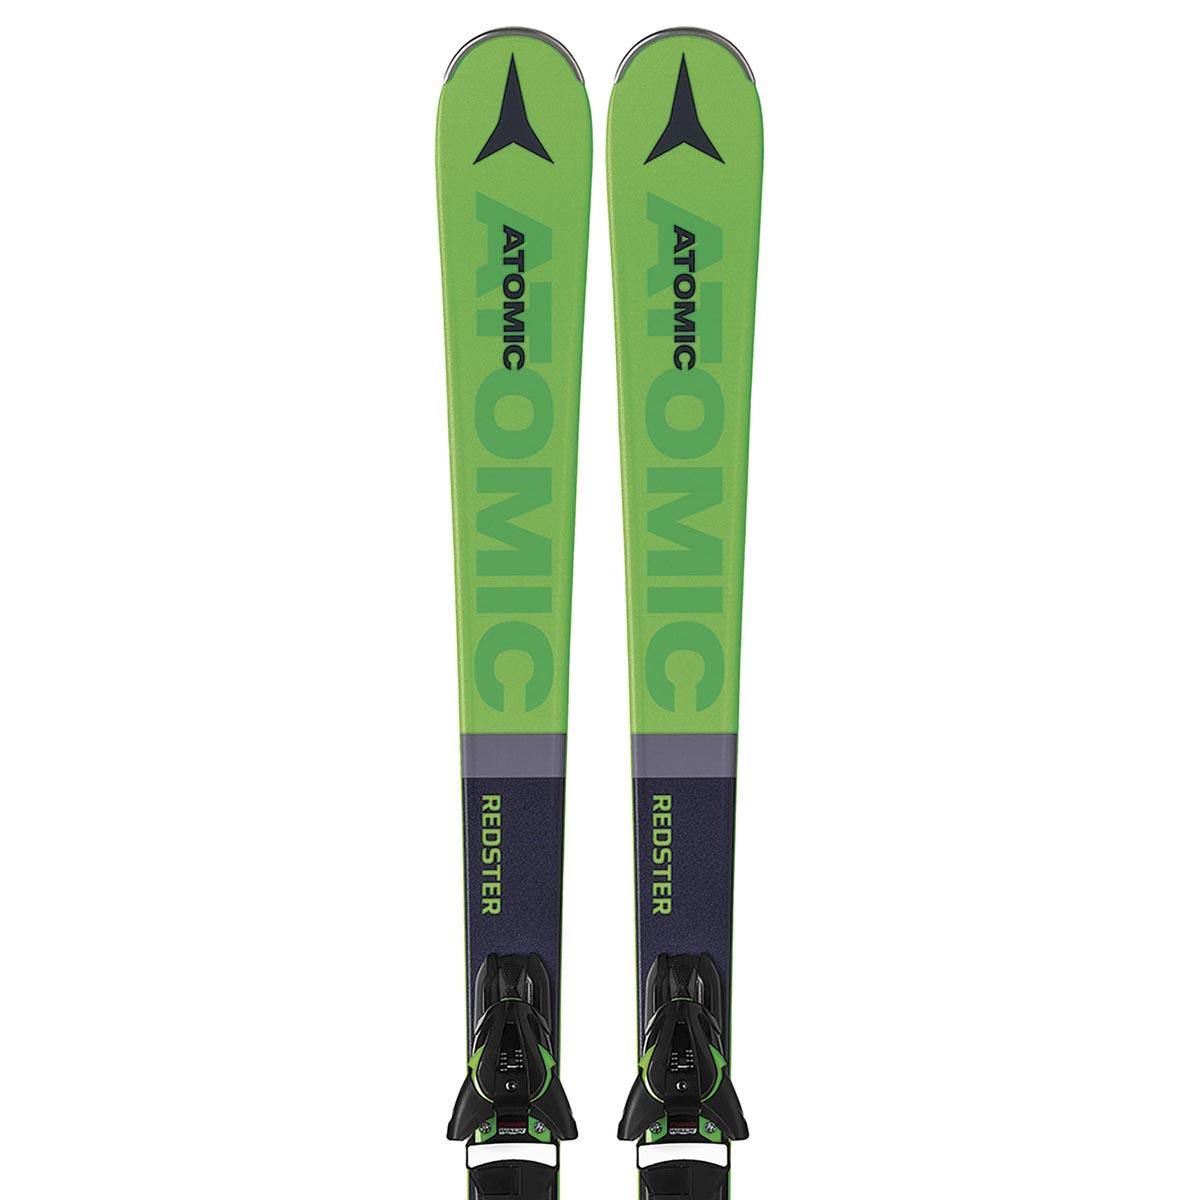 Комплект: лыжи + крепления REDSTER X5 GREEN + FT 10 GW